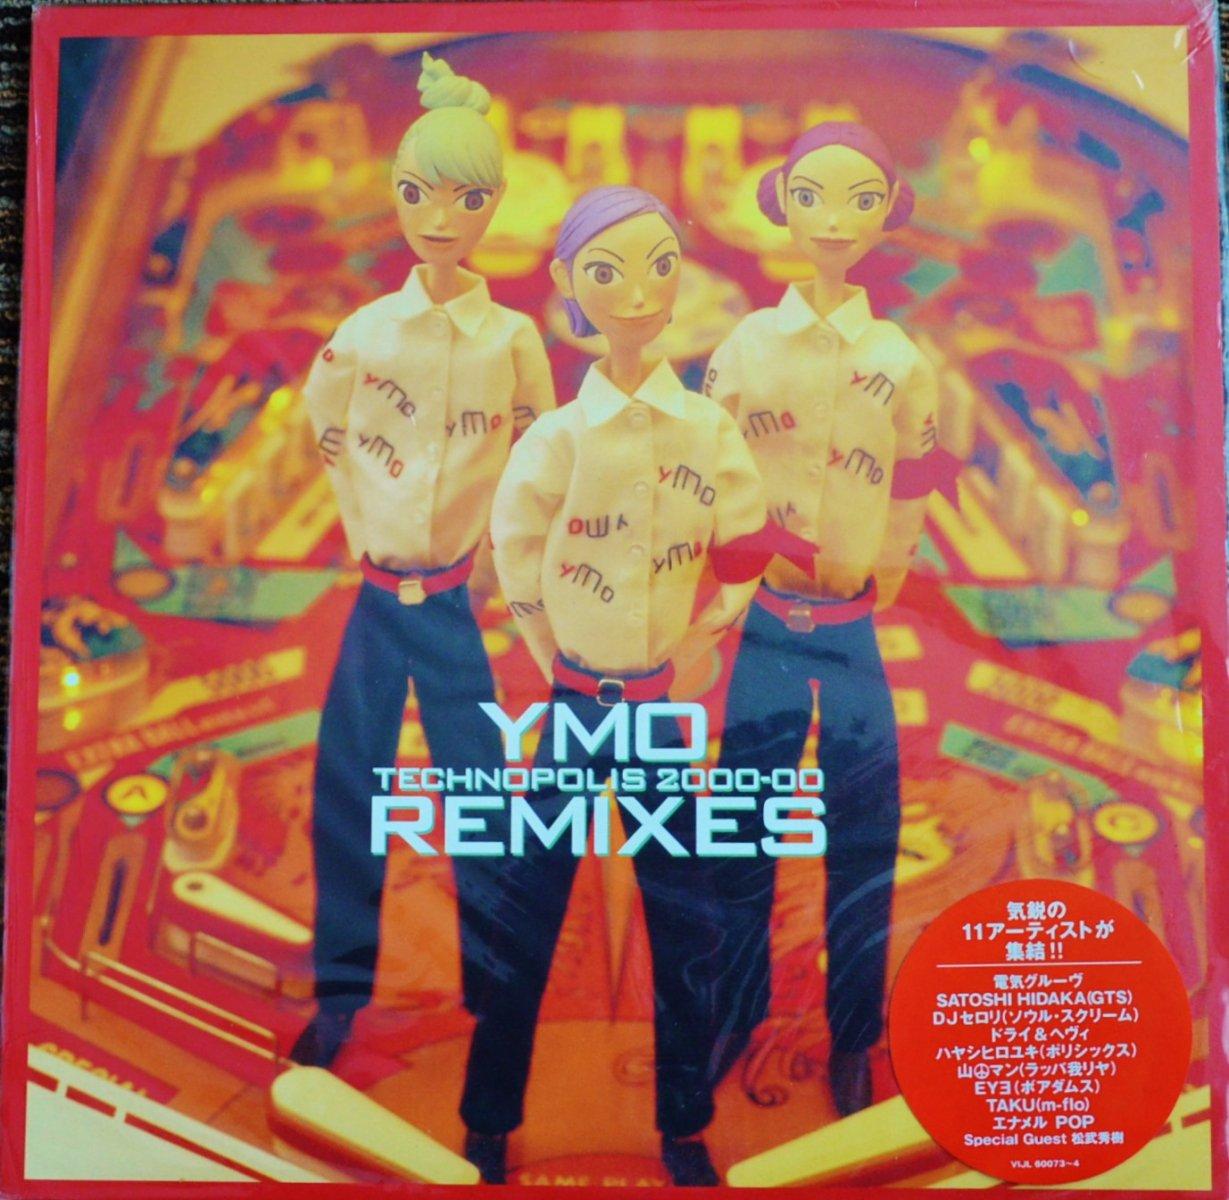 Y.M.O. (YELLOW MAGIC ORCHESTRA) / YMO REMIXES TECHNOPOLIS 2000-00 (2LP)